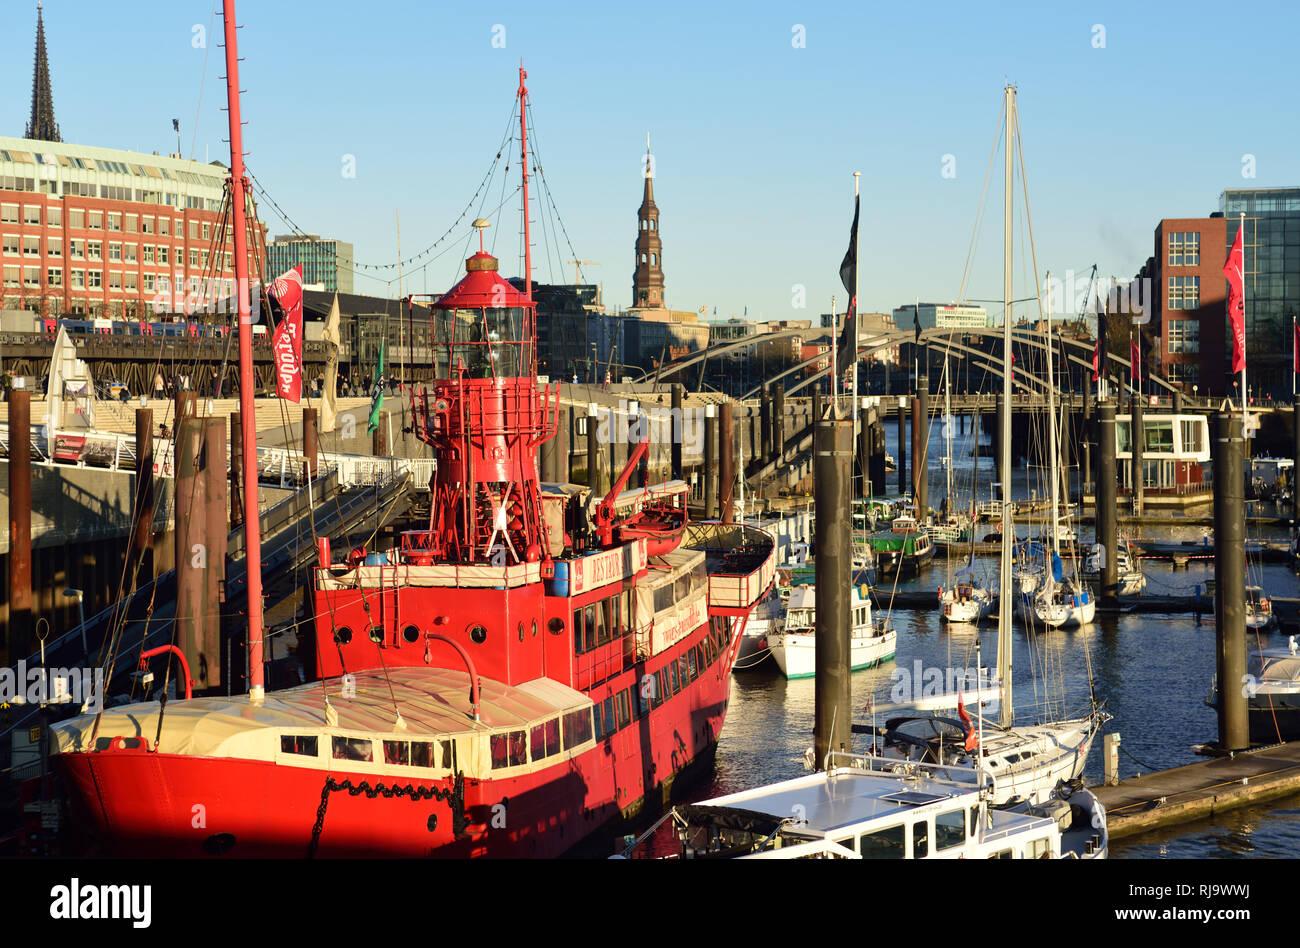 Europa, Deutschland, Hansestadt Hamburg, Hafen, Elbe, Feuerschiff- Bar, Cafe, Hotel, Blick zum Baumwall, Stock Photo